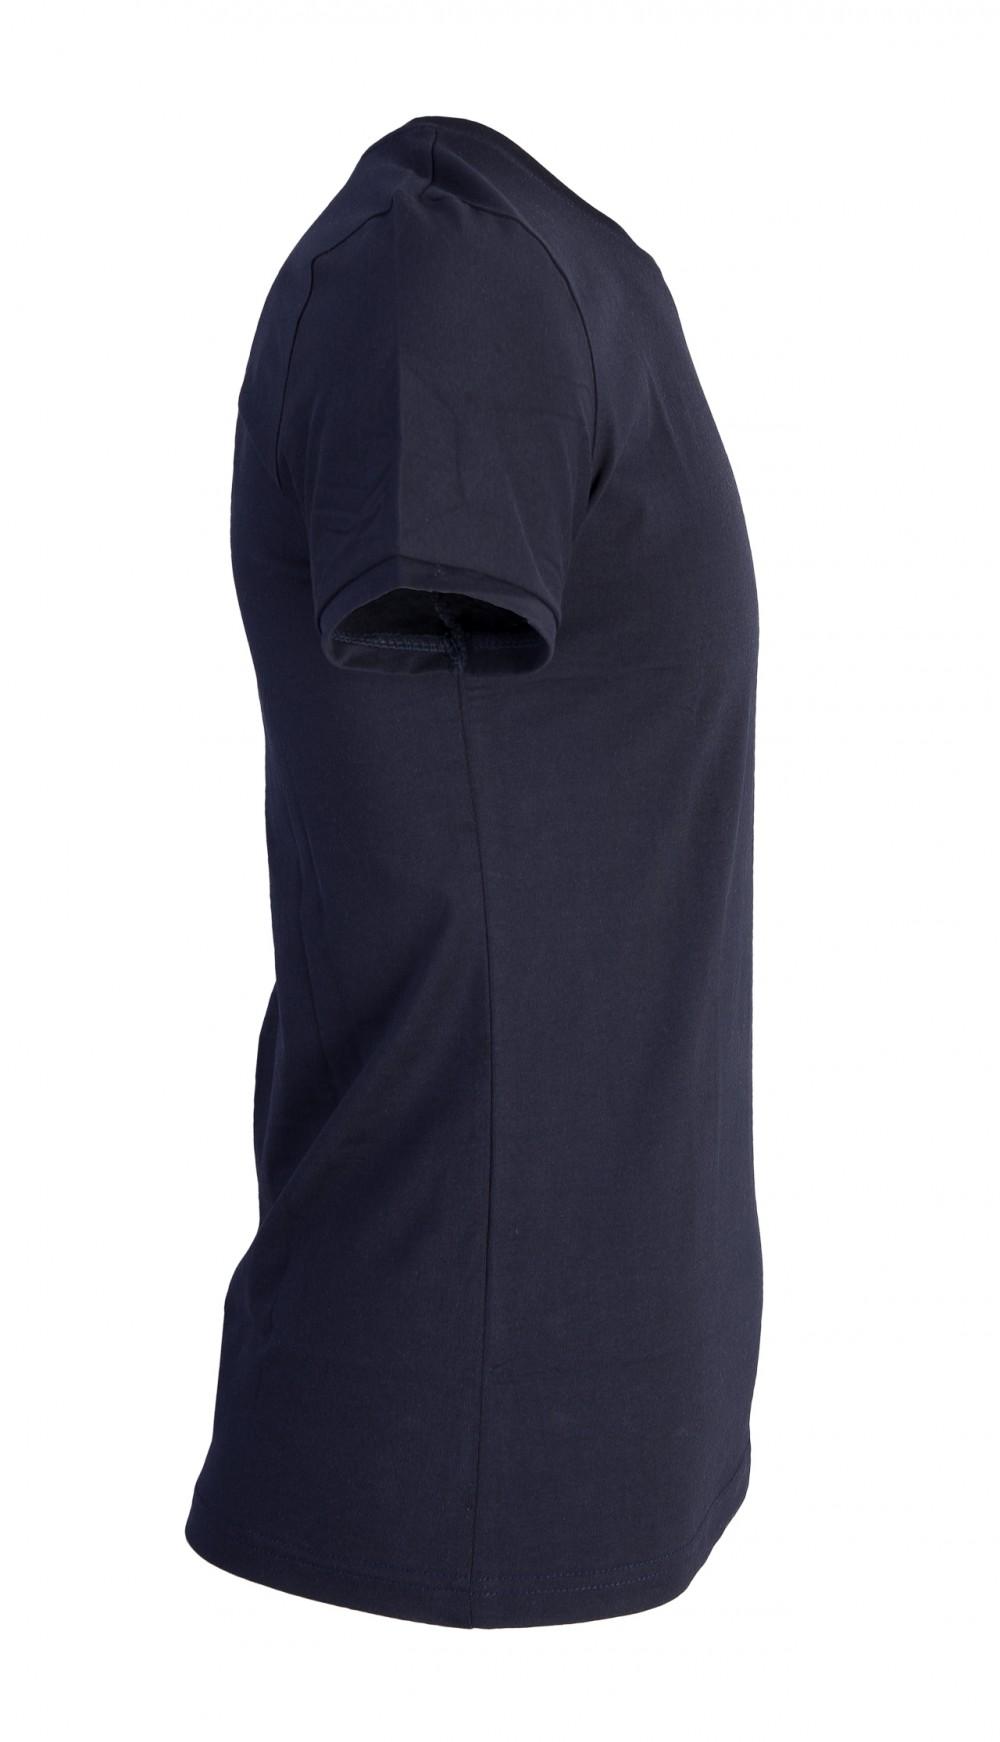 Áo thun xanh đen at760 - 5